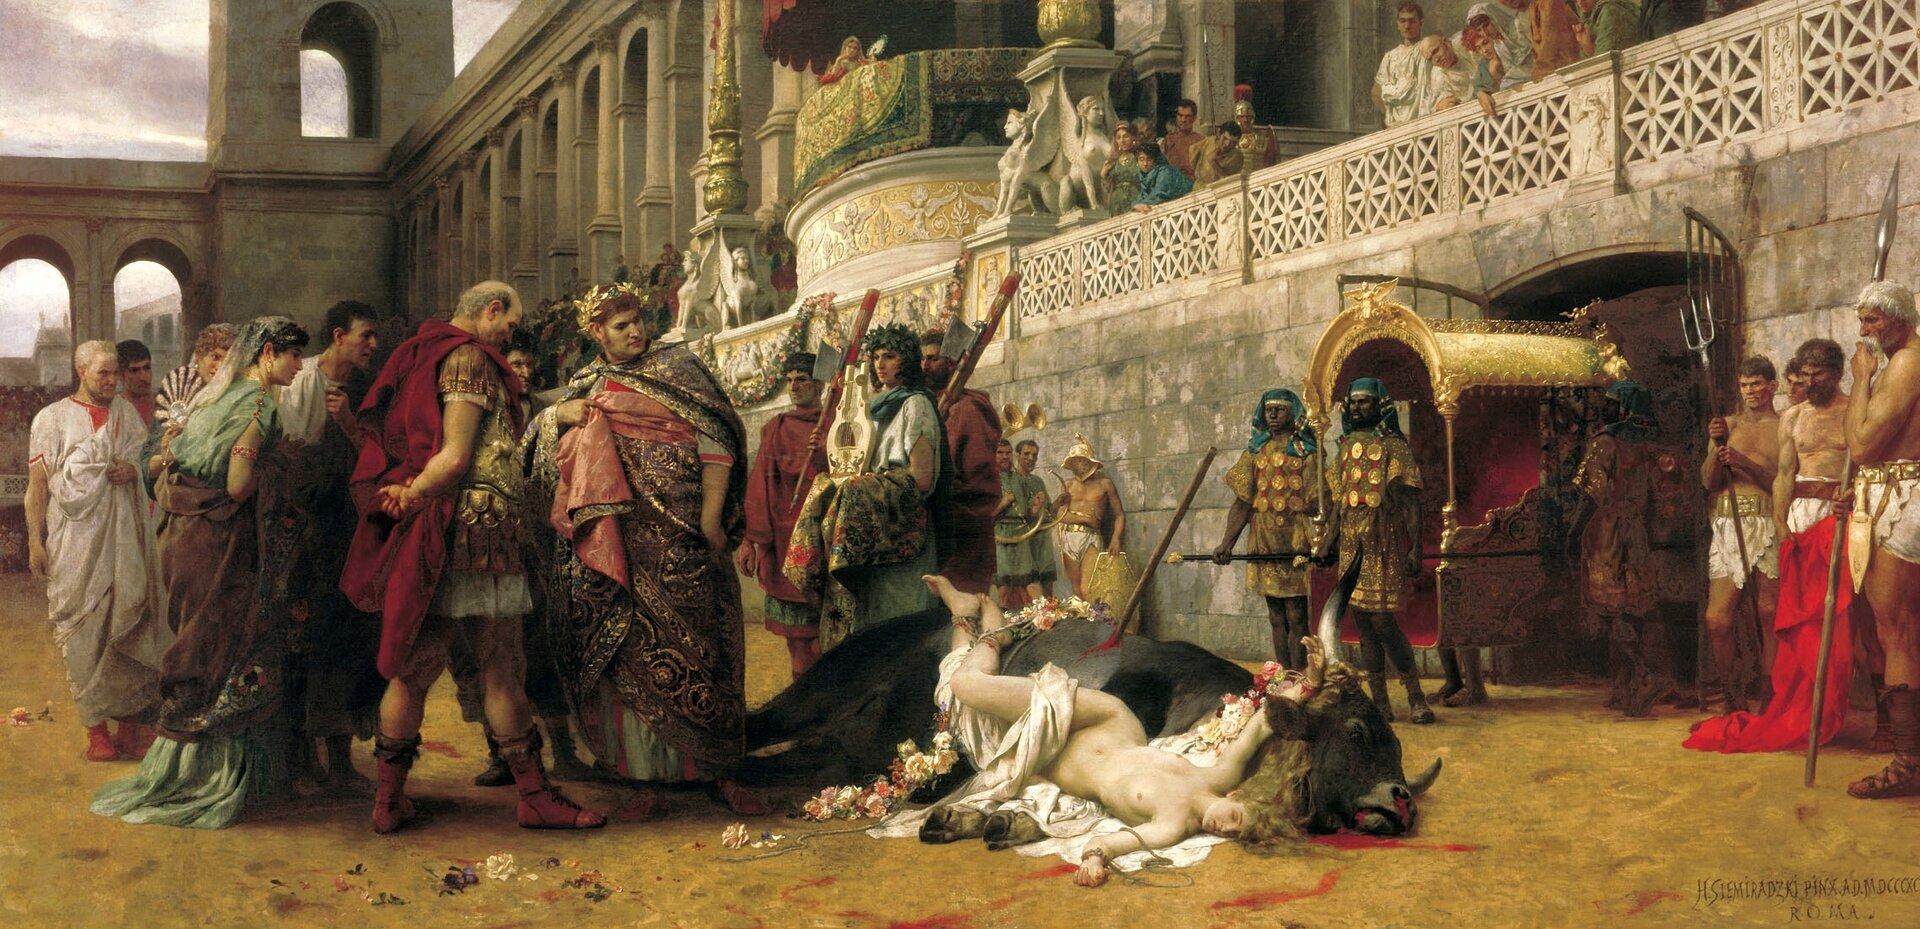 Dirce chrześcijańska Źródło: Henryk Siemiradzki, Dirce chrześcijańska, 1897, olej na płótnie, Muzeum Narodowe wWarszawie.